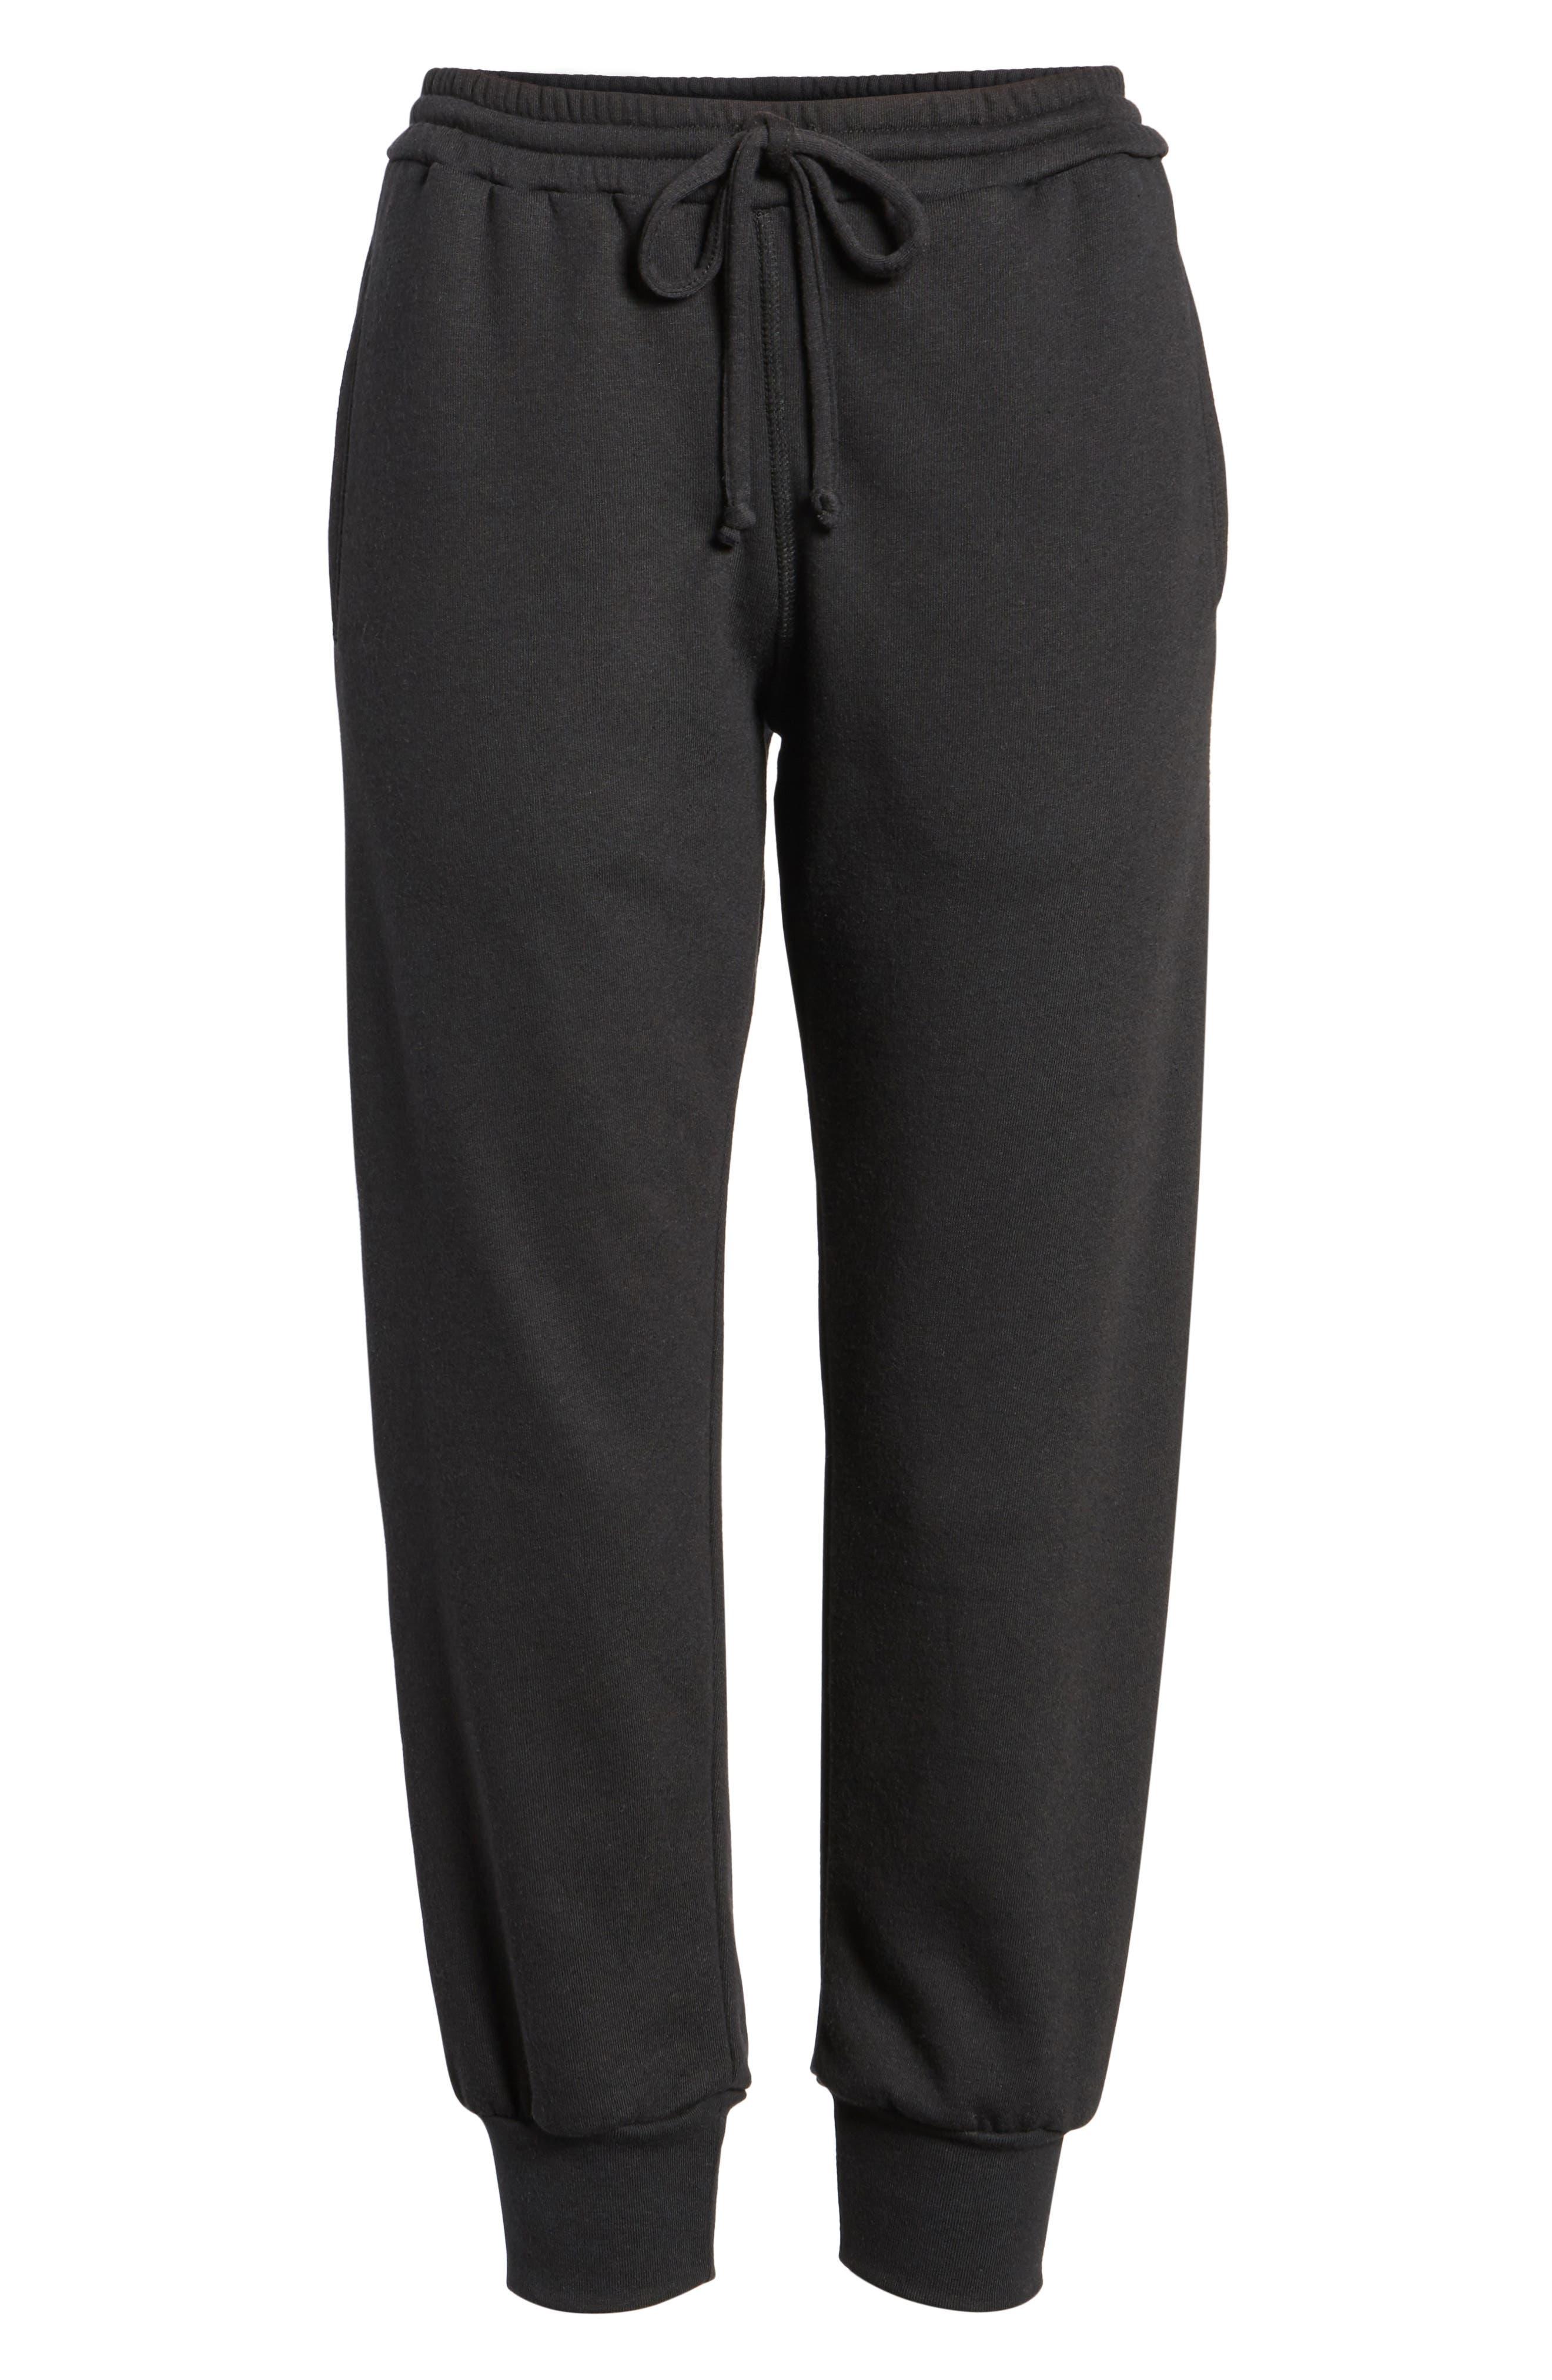 Gym & Tonic Crop Sweatpants,                             Alternate thumbnail 7, color,                             001